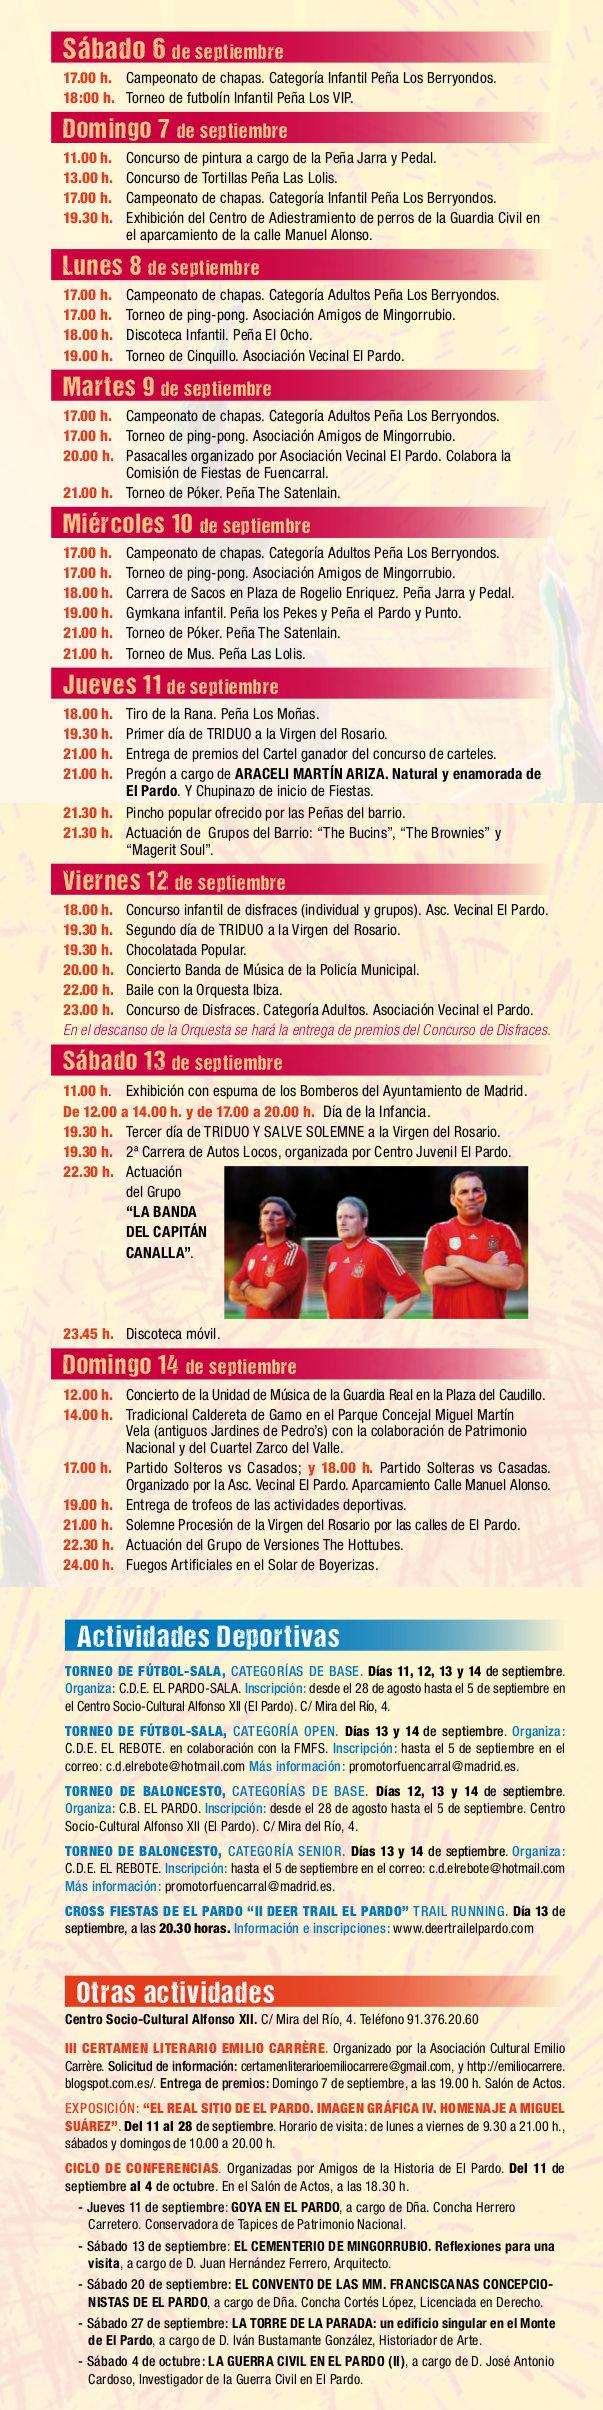 Programa de las Fiestas de El Pardo 2014